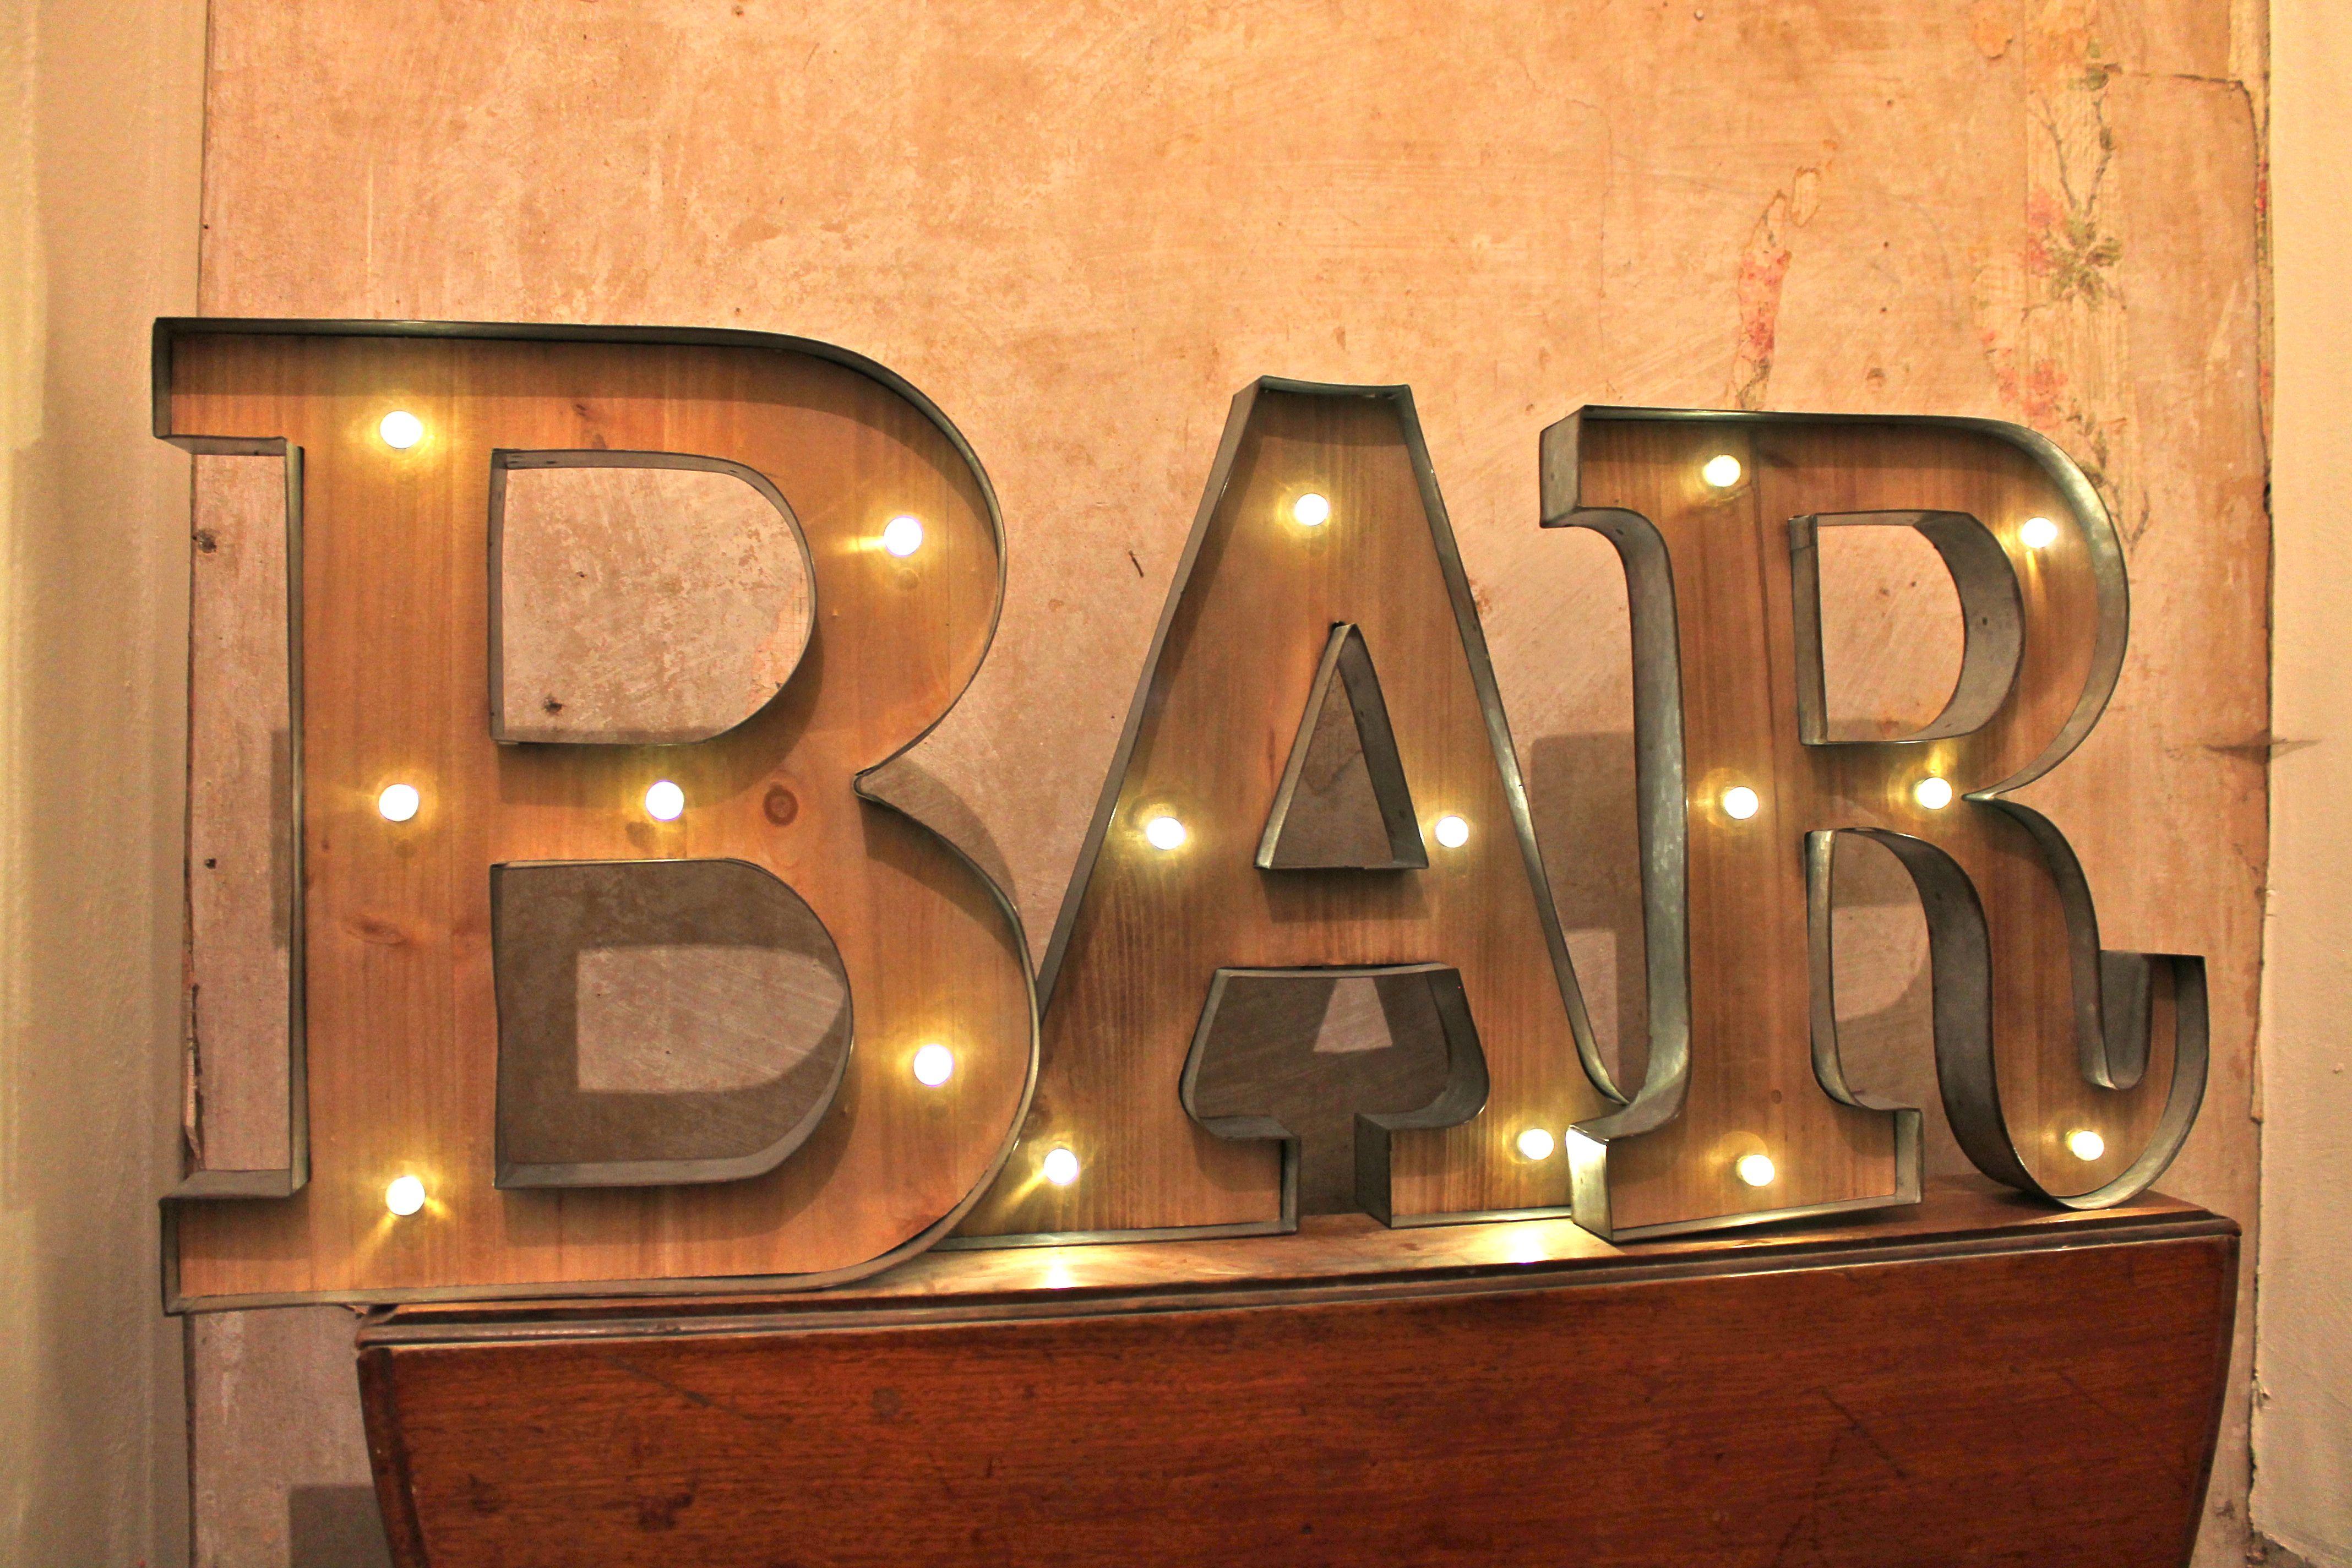 Bar Deko leuchtschrift leuchtreklame bar leuchtbuchstaben vintage deko retro